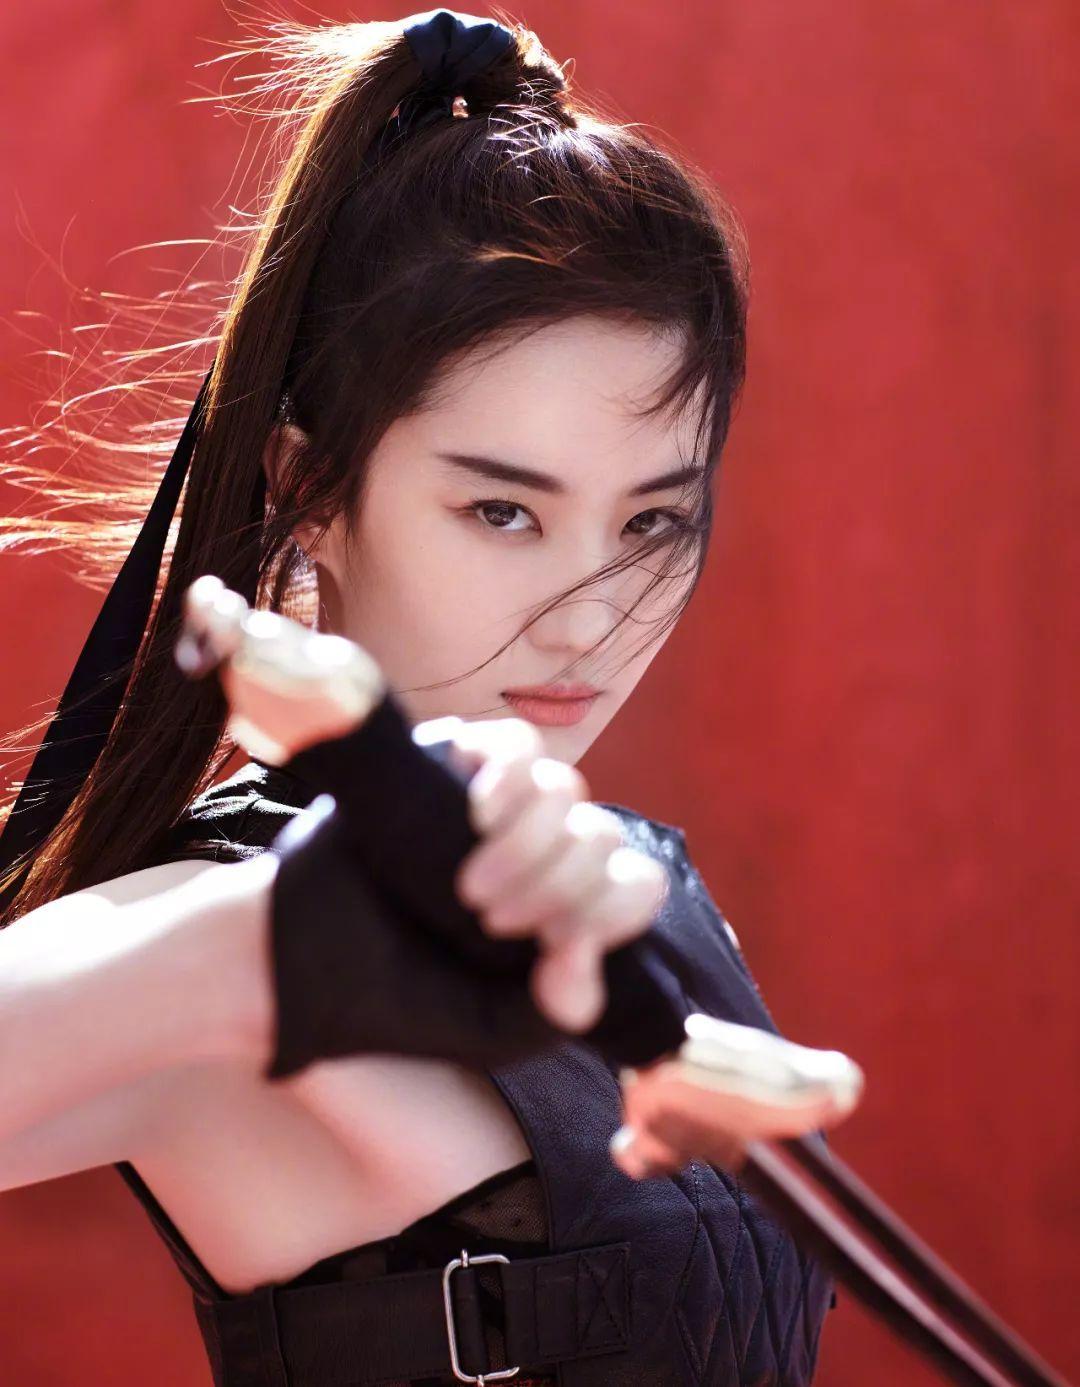 刘亦菲这次进军好莱坞,有戏-第3张图片